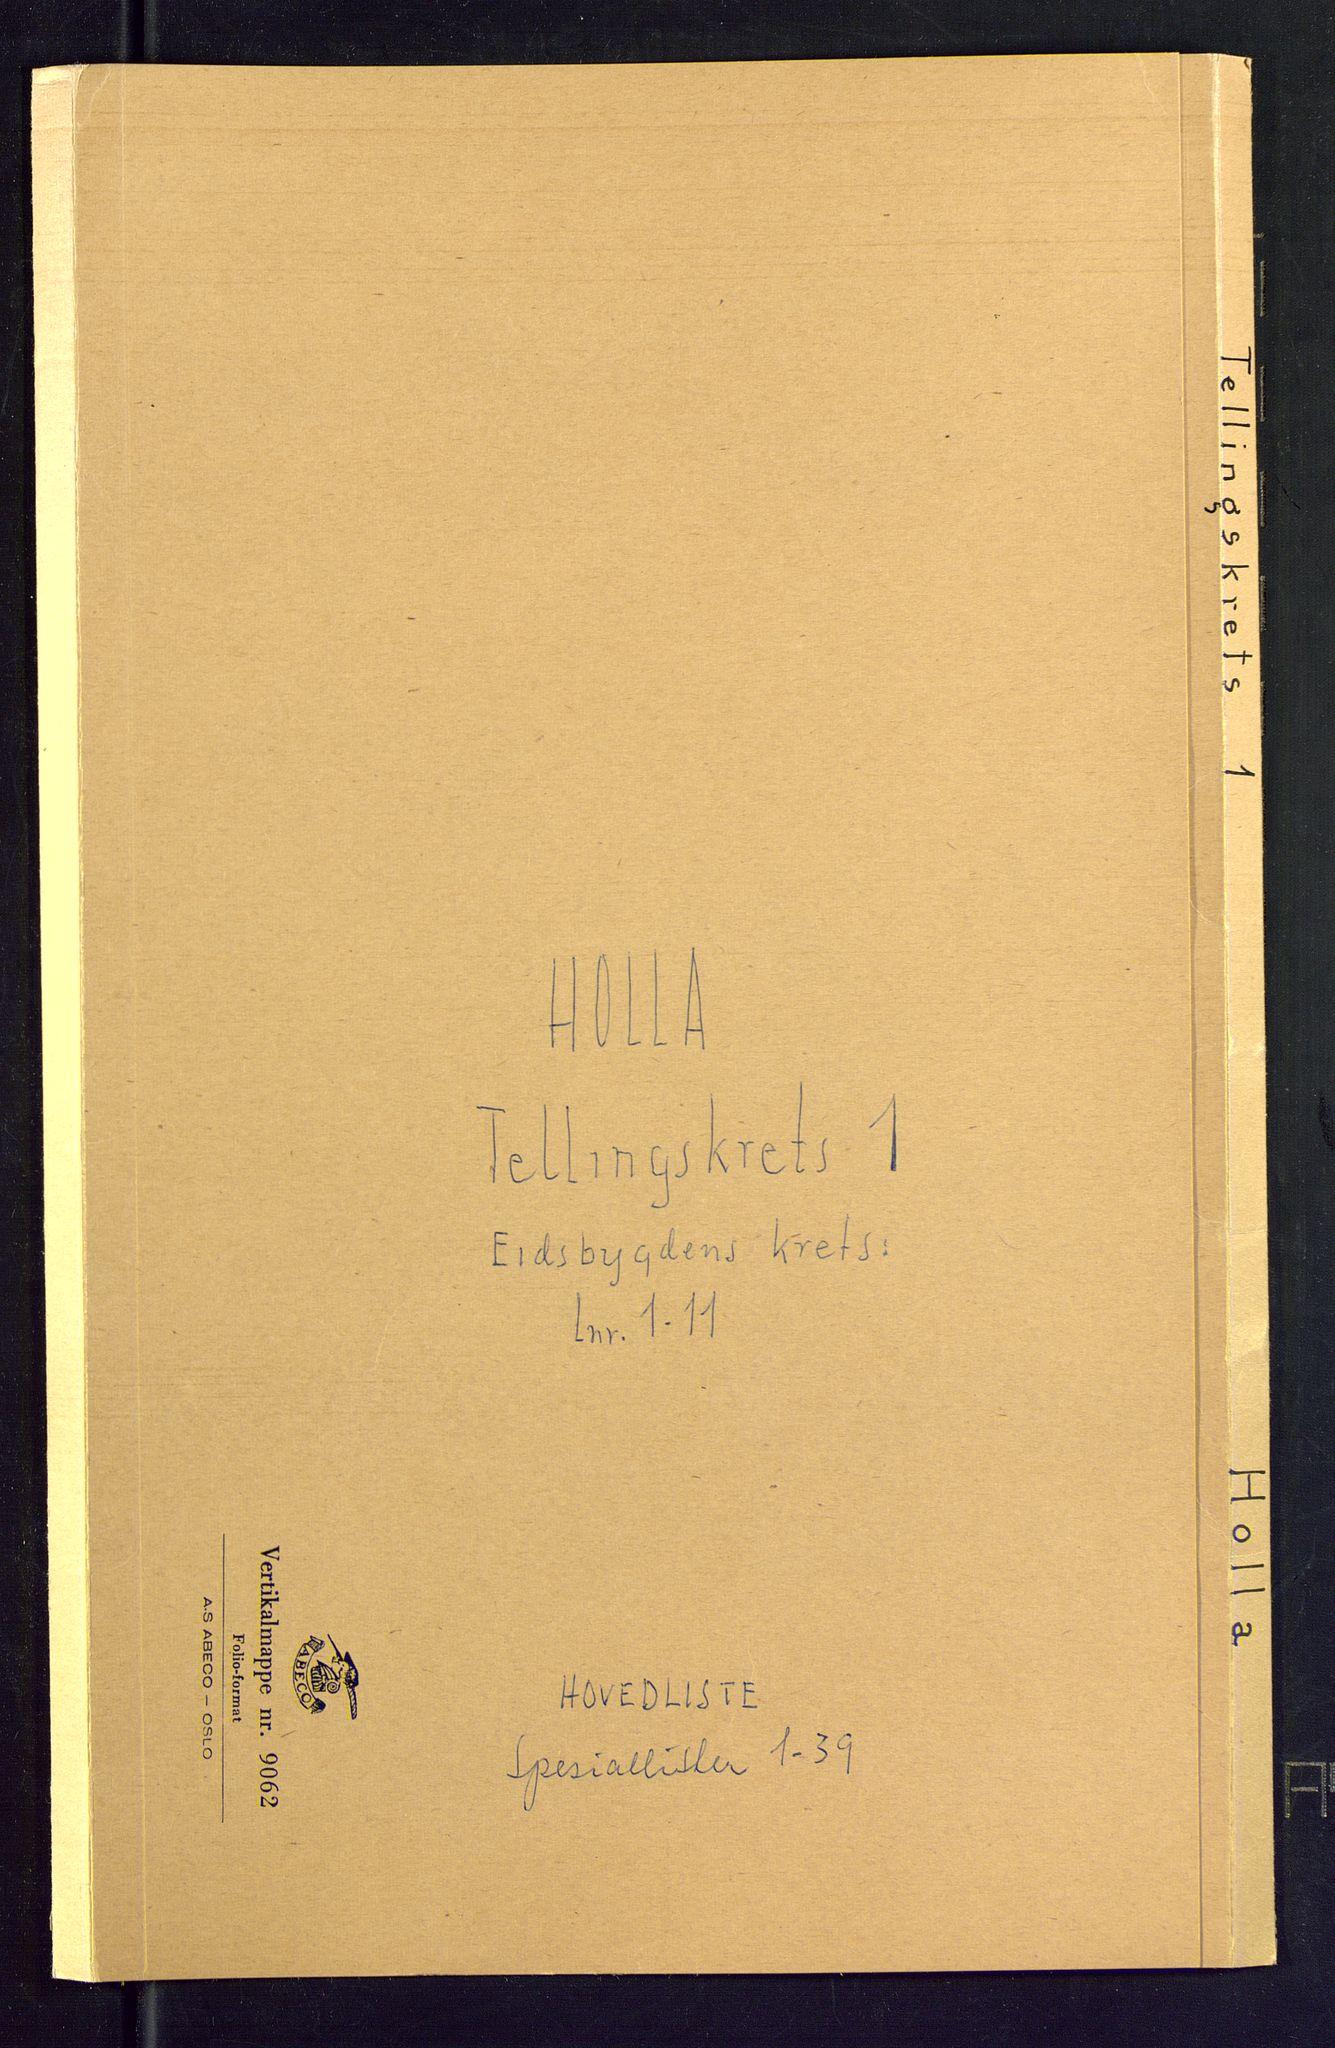 SAKO, Folketelling 1875 for 0819P Holla prestegjeld, 1875, s. 1